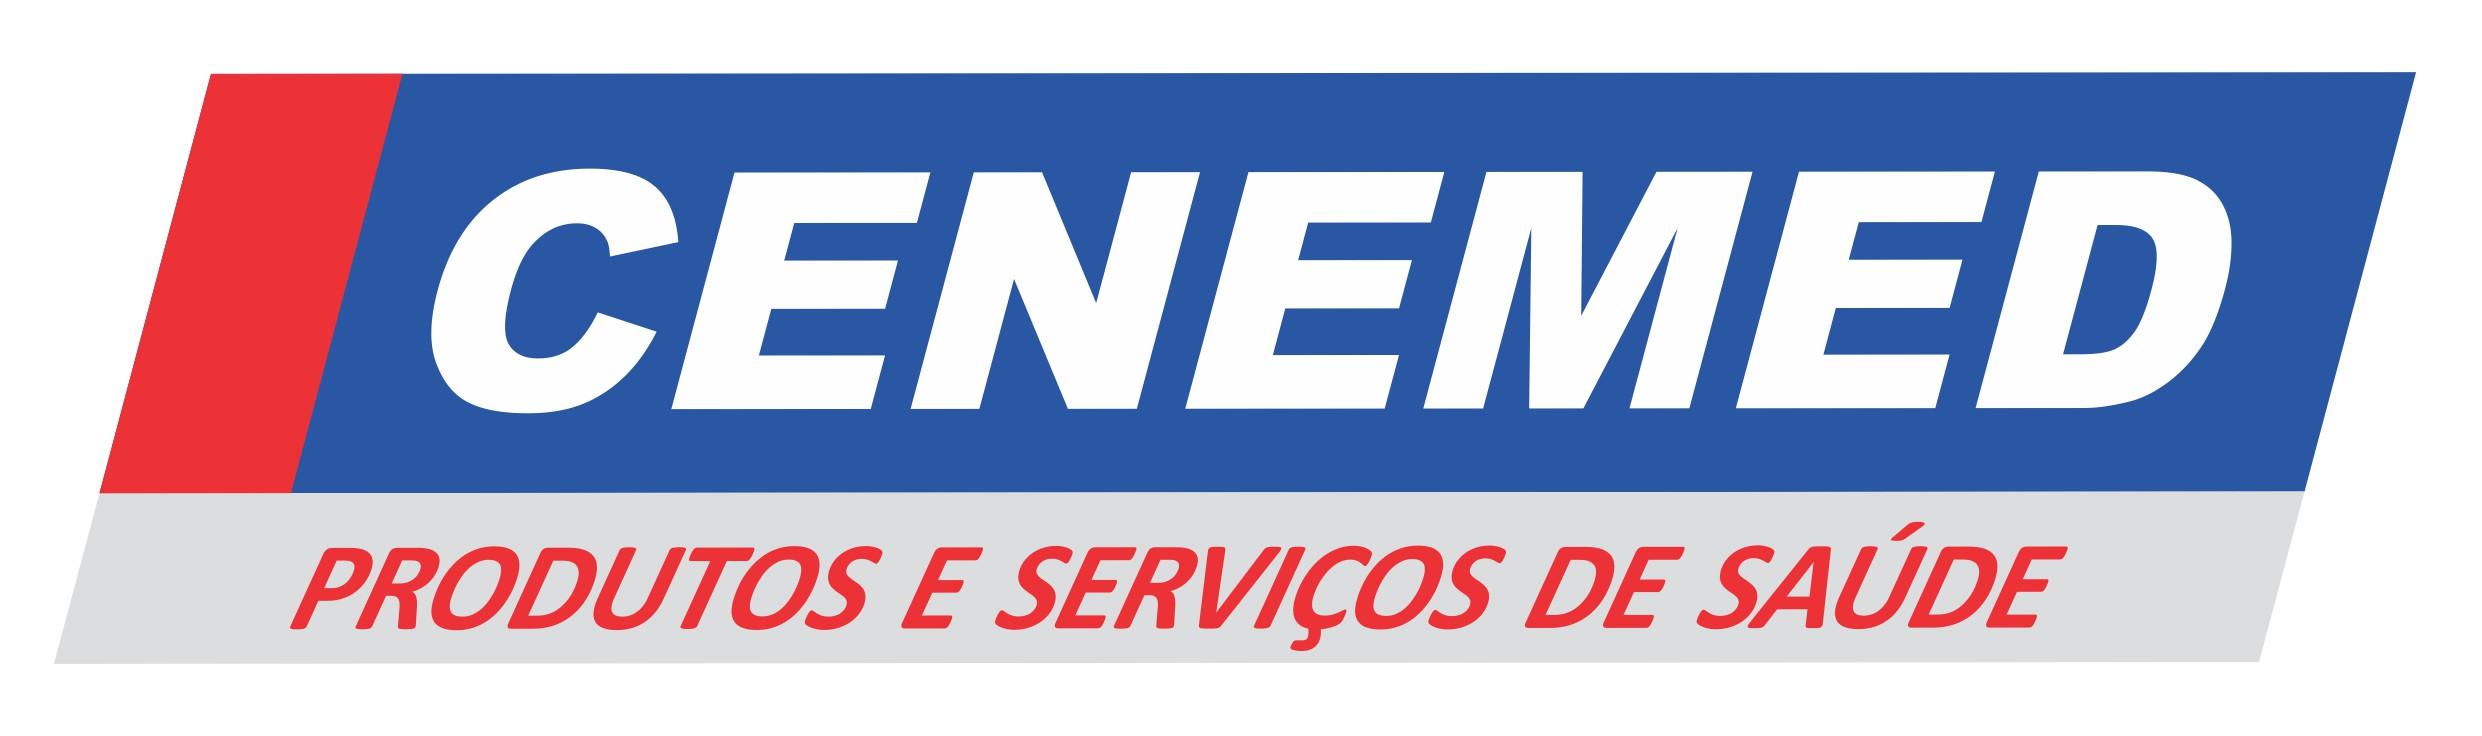 Logo Cenemed